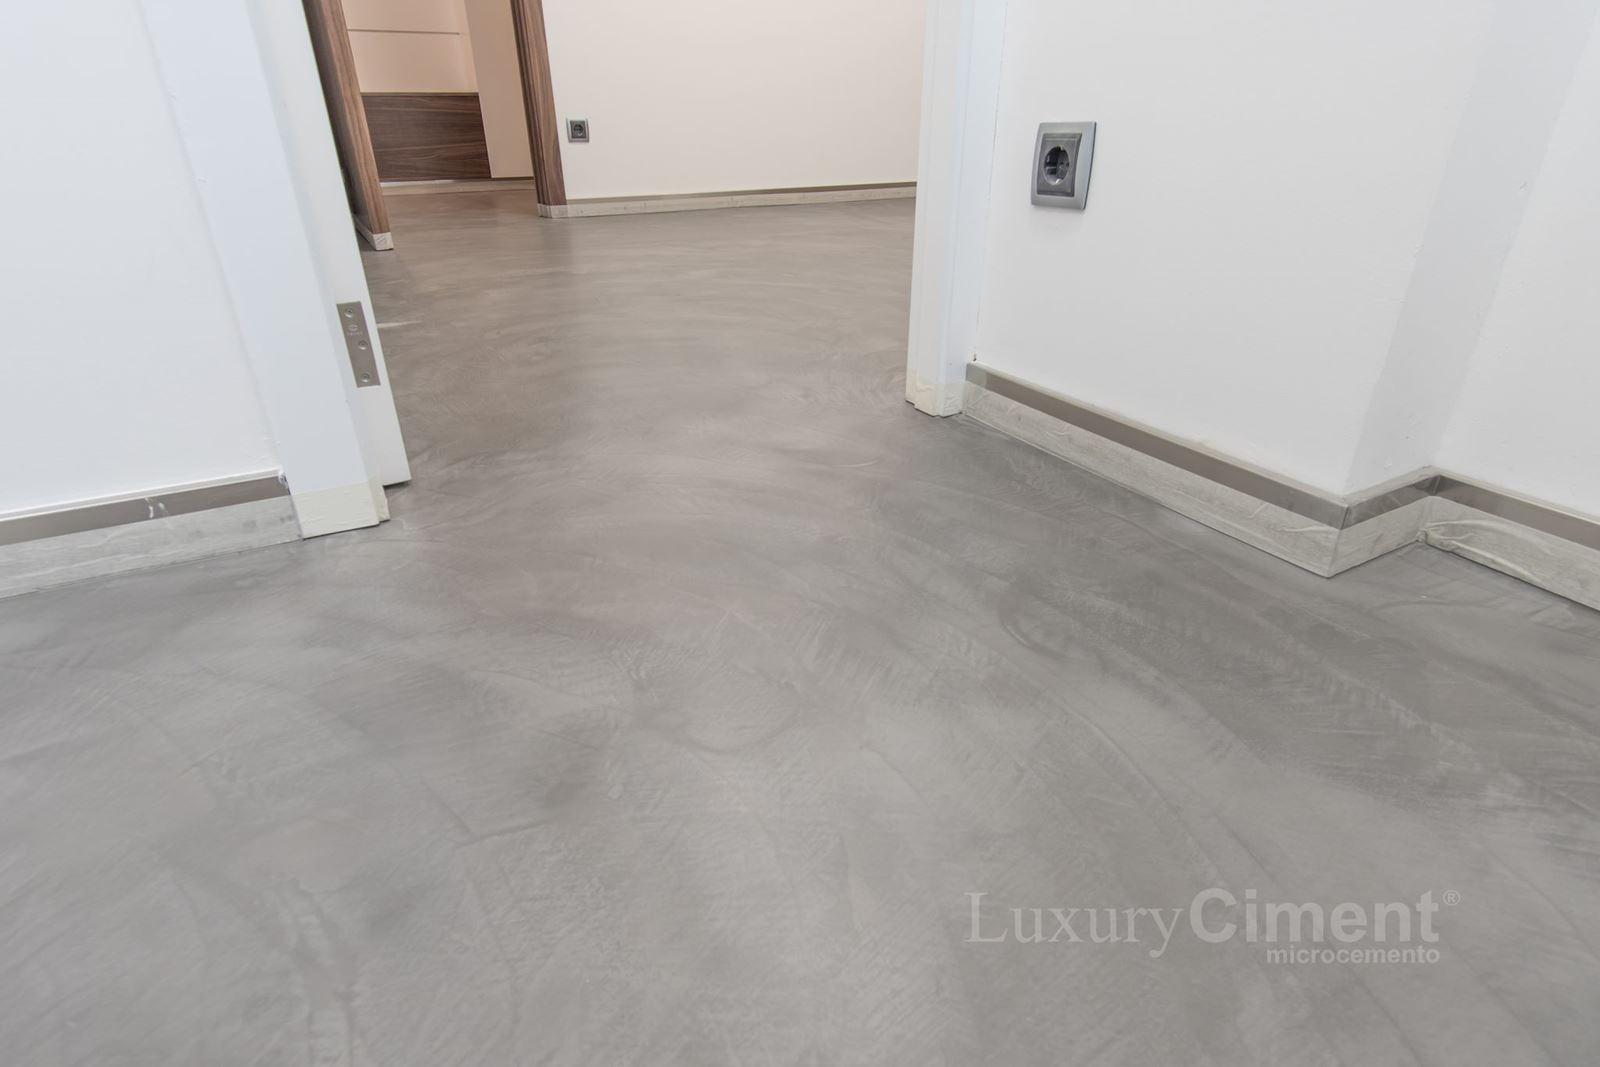 Microcemento en suelos paredes ba os cocinas para interior y exterior - Pavimentos de microcemento ...